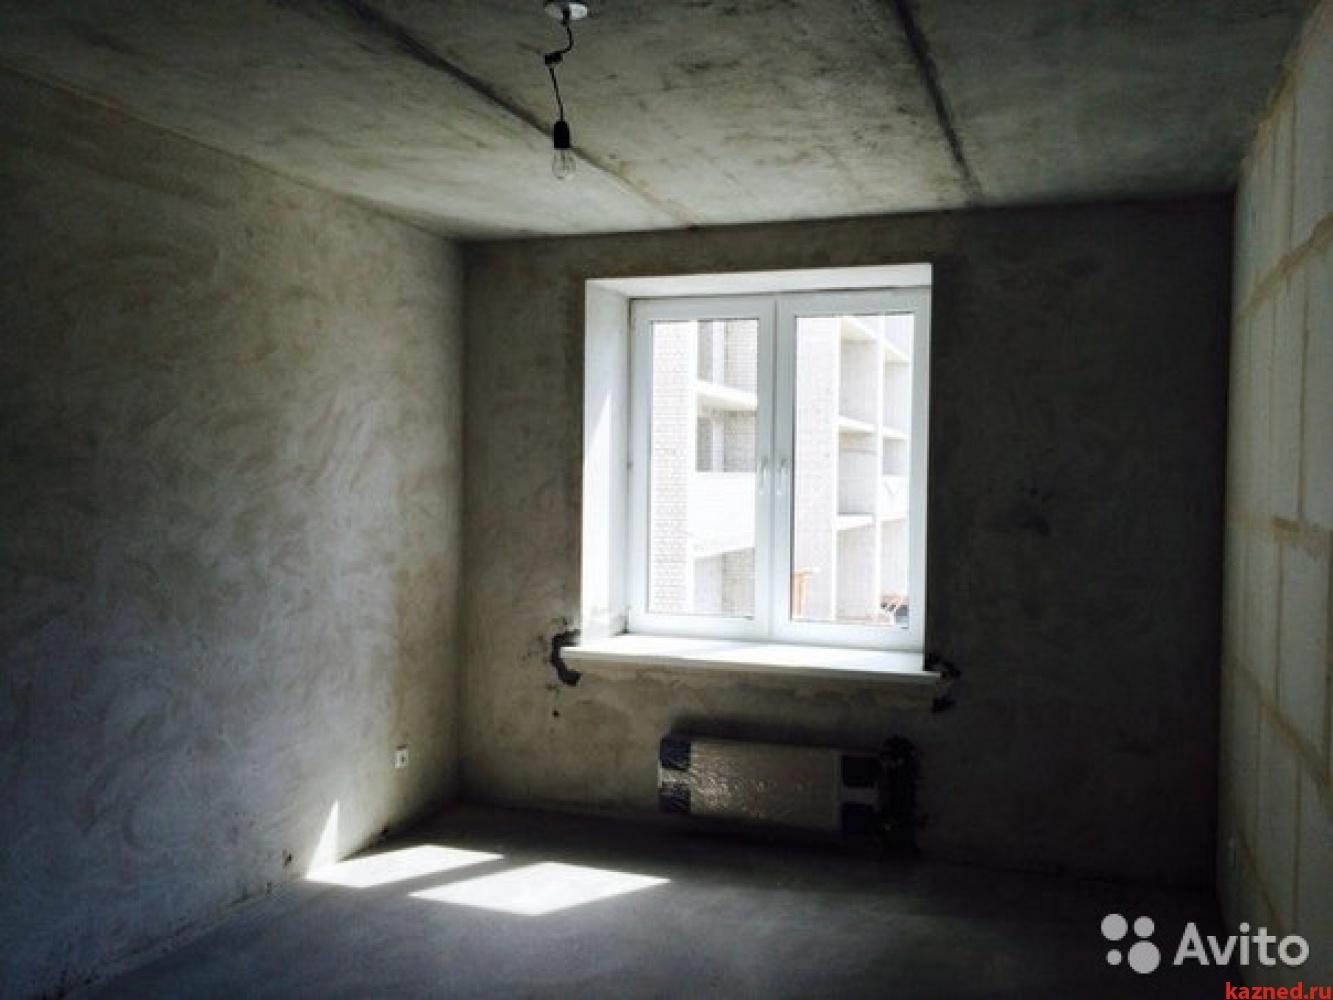 Продажа 2-к квартиры Мамадышский тракт, 64 м²  (миниатюра №6)